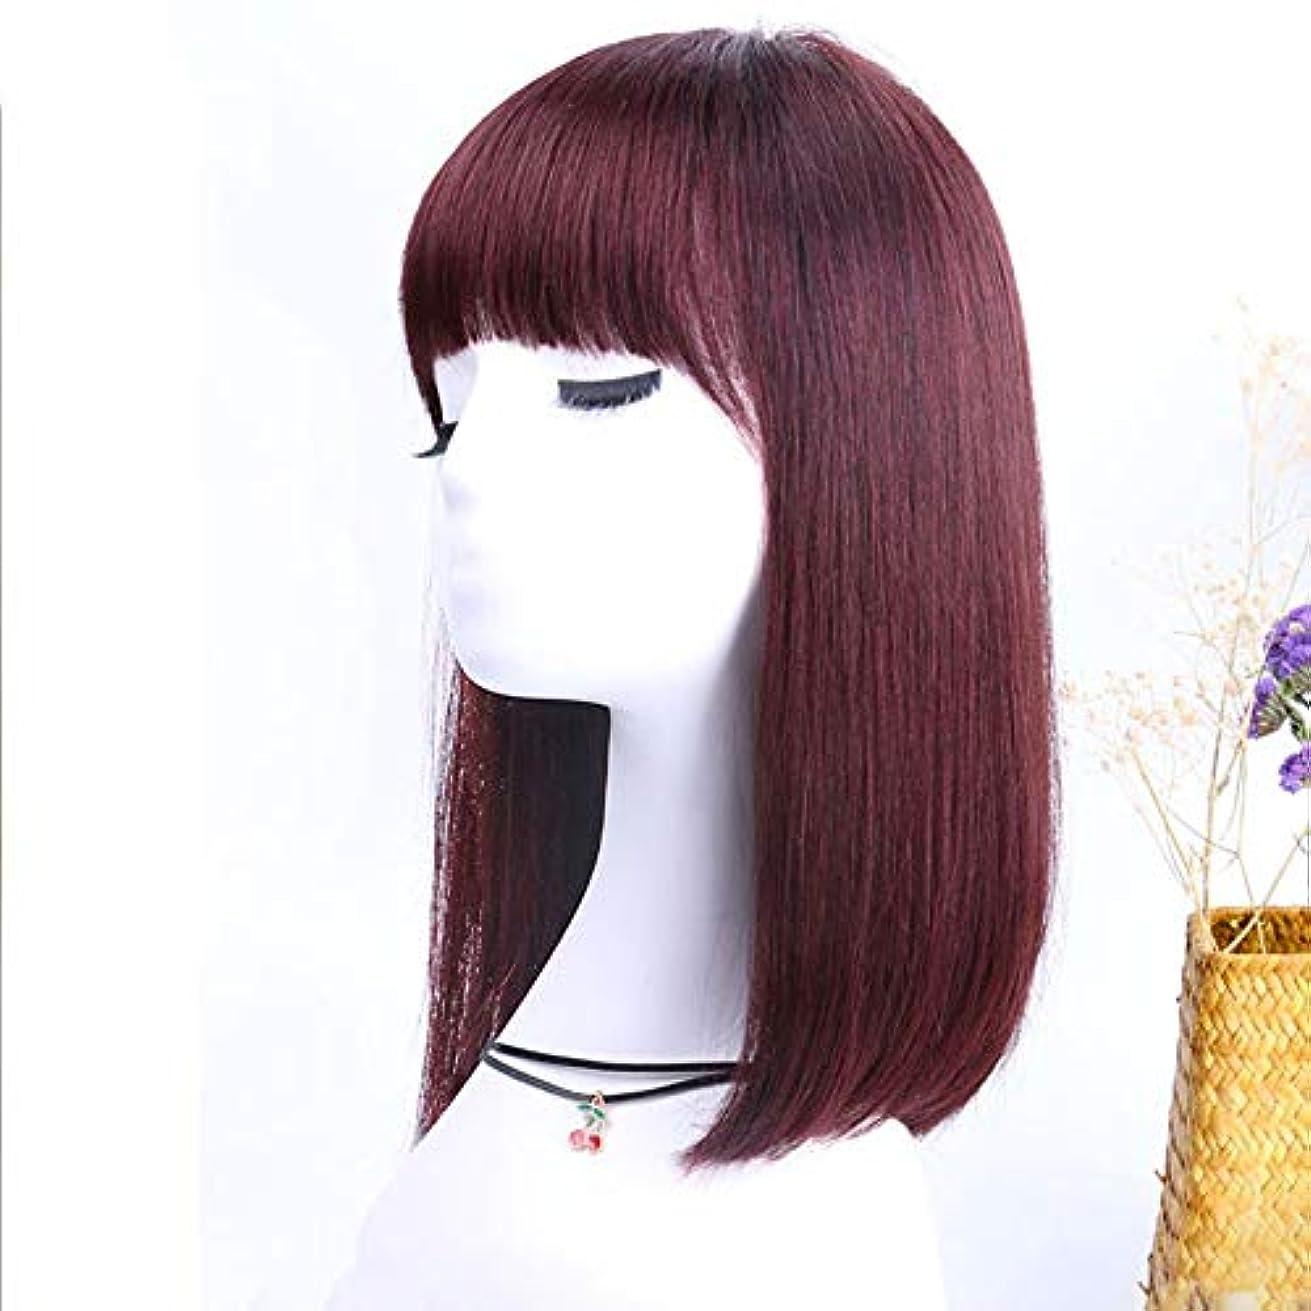 療法母性ロゴYOUQIU 女性のパーティードレス毎日ウィッグのために本物の人間の髪の毛ボブウィッグショルダーストレート髪の内側にバックル梨ヘッド (色 : Dark brown)